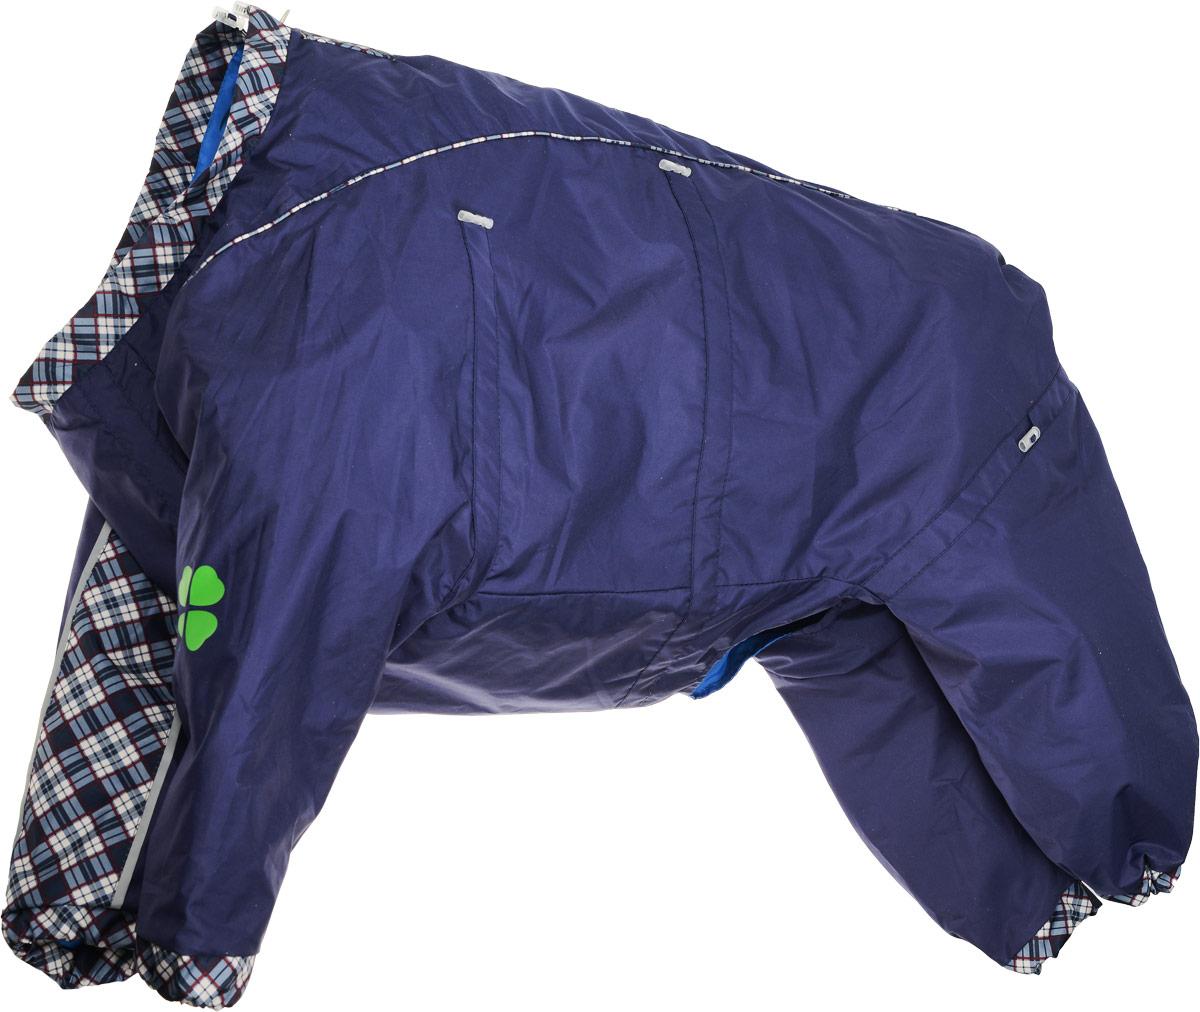 Комбинезон для собак Dogmoda Doggs, для мальчика, цвет: темно-синий. Размер XXL0120710Комбинезон для собак Dogmoda Doggs отлично подойдет для прогулок в ветреную погоду.Комбинезон изготовлен из полиэстера, защищающего от ветра и осадков, с подкладкой из вискозы, которая обеспечит отличный воздухообмен. Комбинезон застегивается на молнию и липучку, благодаря чему его легко надевать и снимать. Молния снабжена светоотражающими элементами. Низ рукавов и брючин оснащен внутренними резинками, которые мягко обхватывают лапки, не позволяя просачиваться холодному воздуху. На вороте, пояснице и лапках комбинезон затягивается на шнурок-кулиску с затяжкой. Модель снабжена непромокаемым карманом для размещения записки с информацией о вашем питомце, на случай если он потеряется.Благодаря такому комбинезону простуда не грозит вашему питомцу и он не даст любимцу продрогнуть на прогулке.